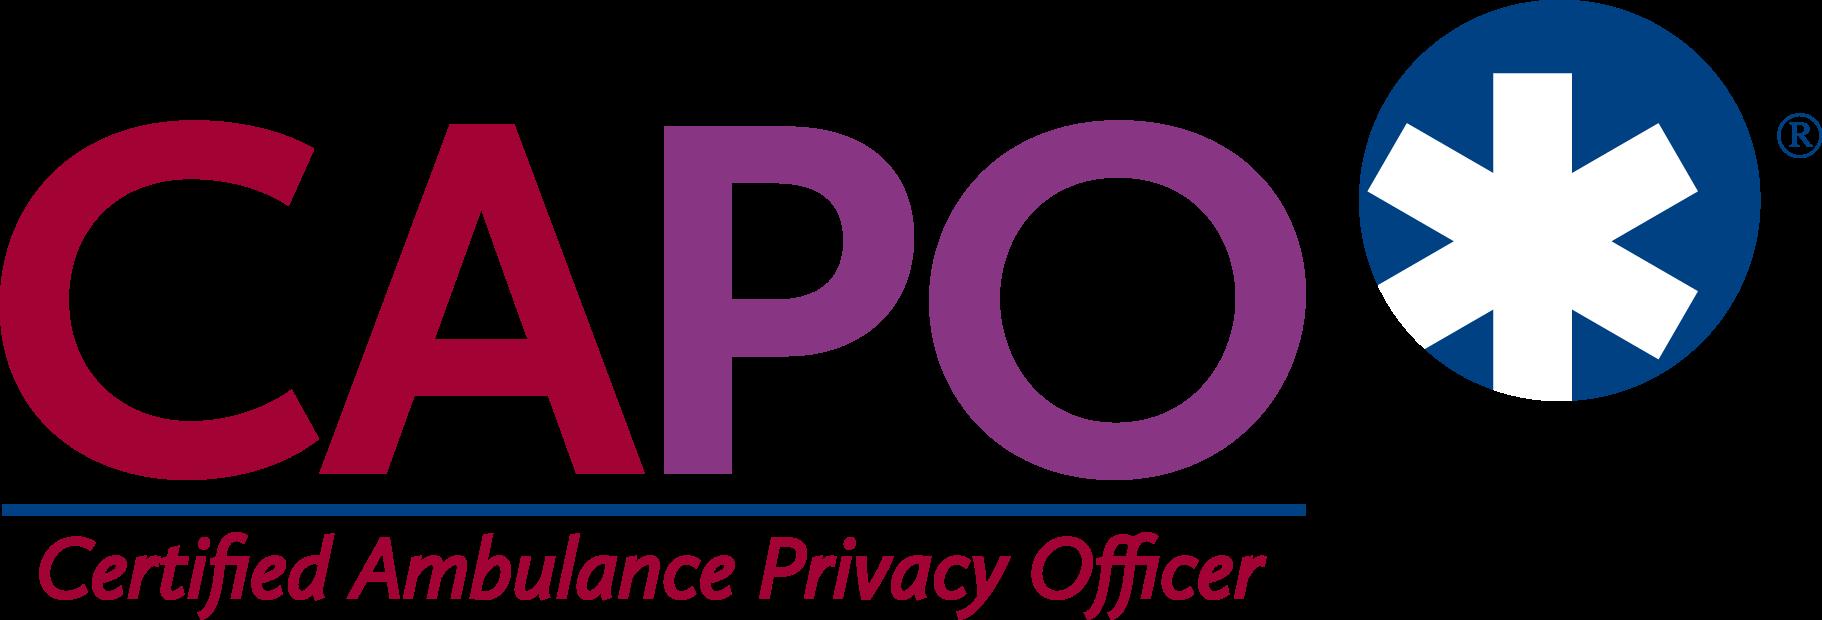 CAPO Registered Transparent